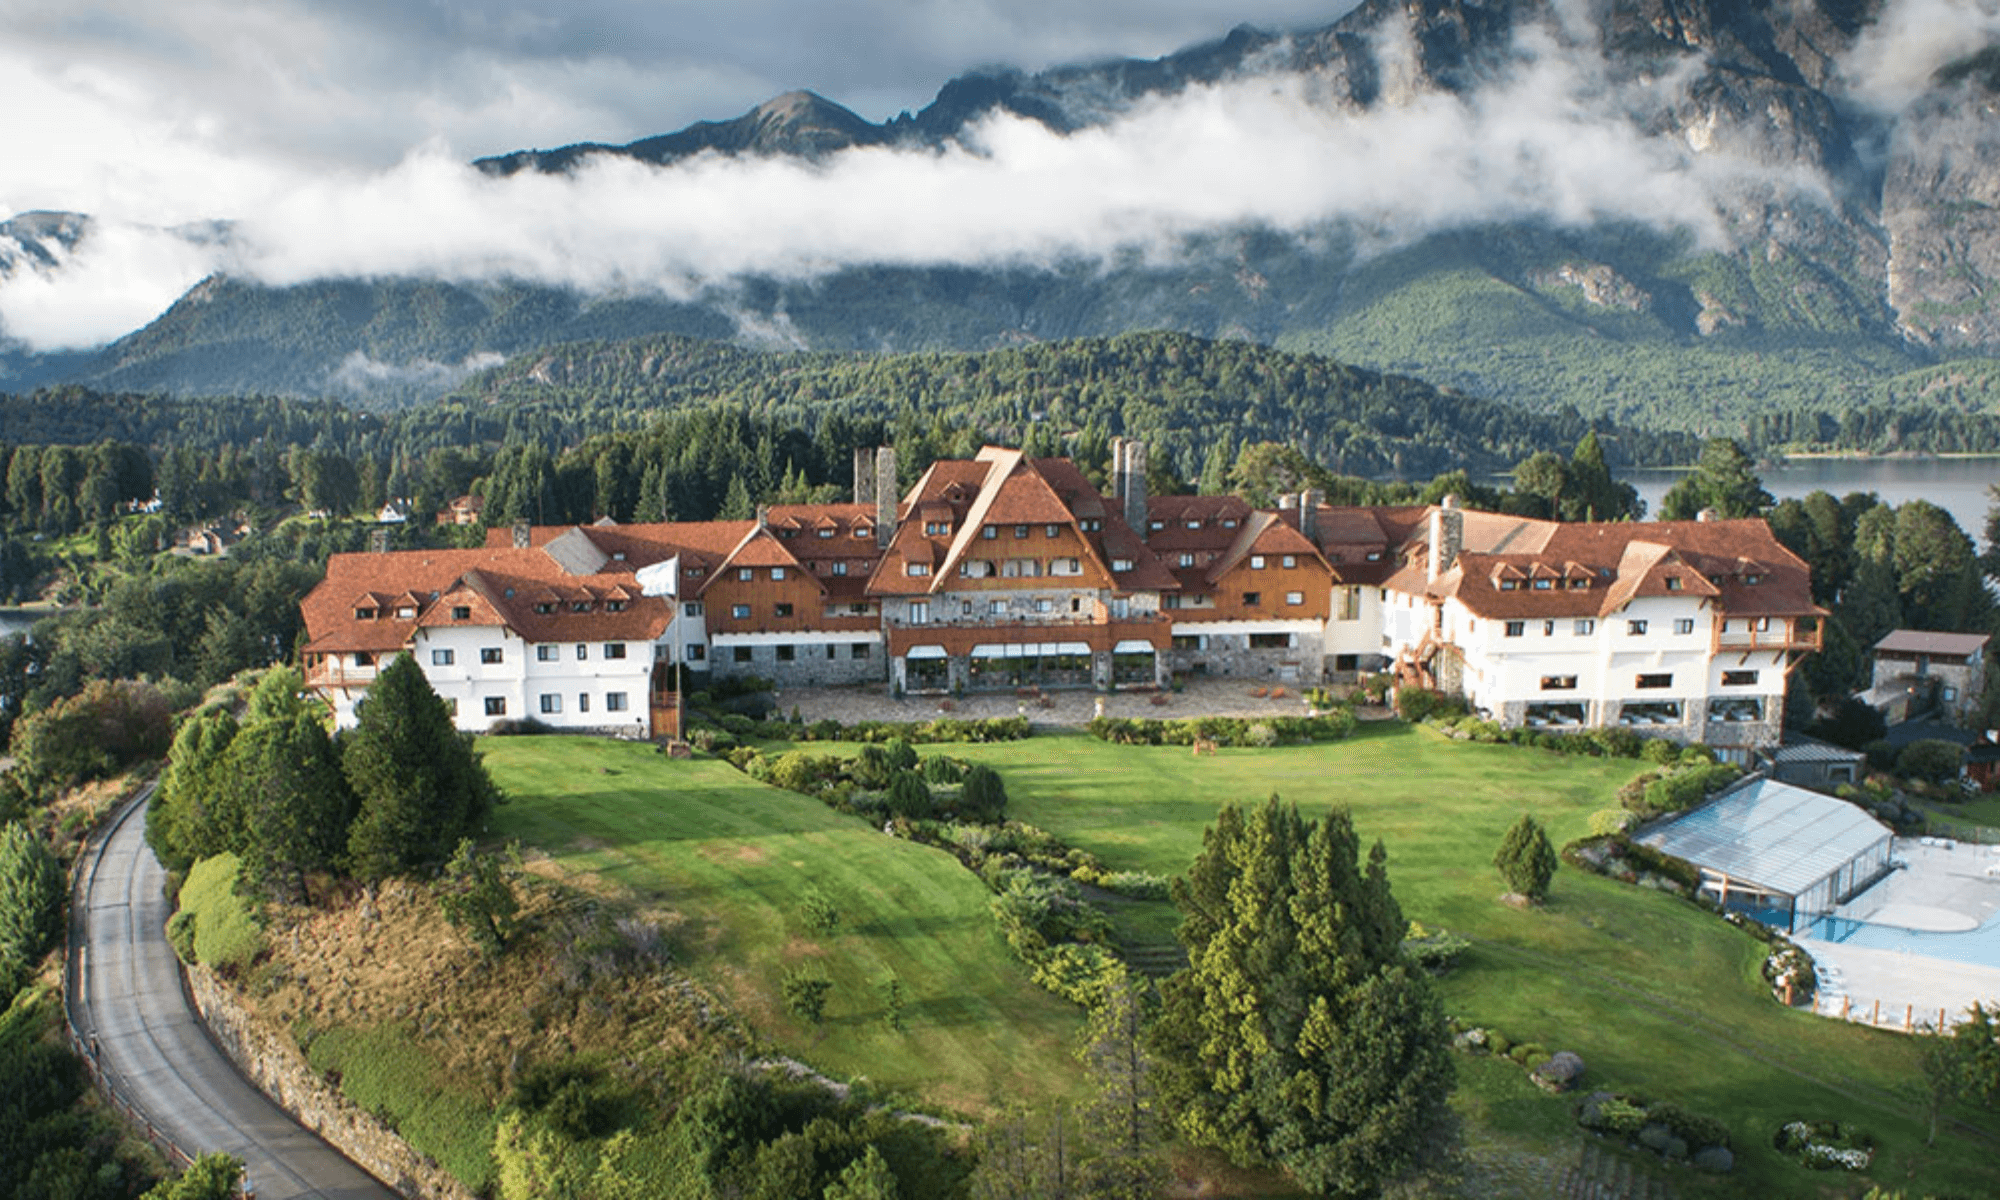 A partir de hoy reabre el hotel Llao Llao de Bariloche, una de las principales atracciones de la Patagonia argentina 1